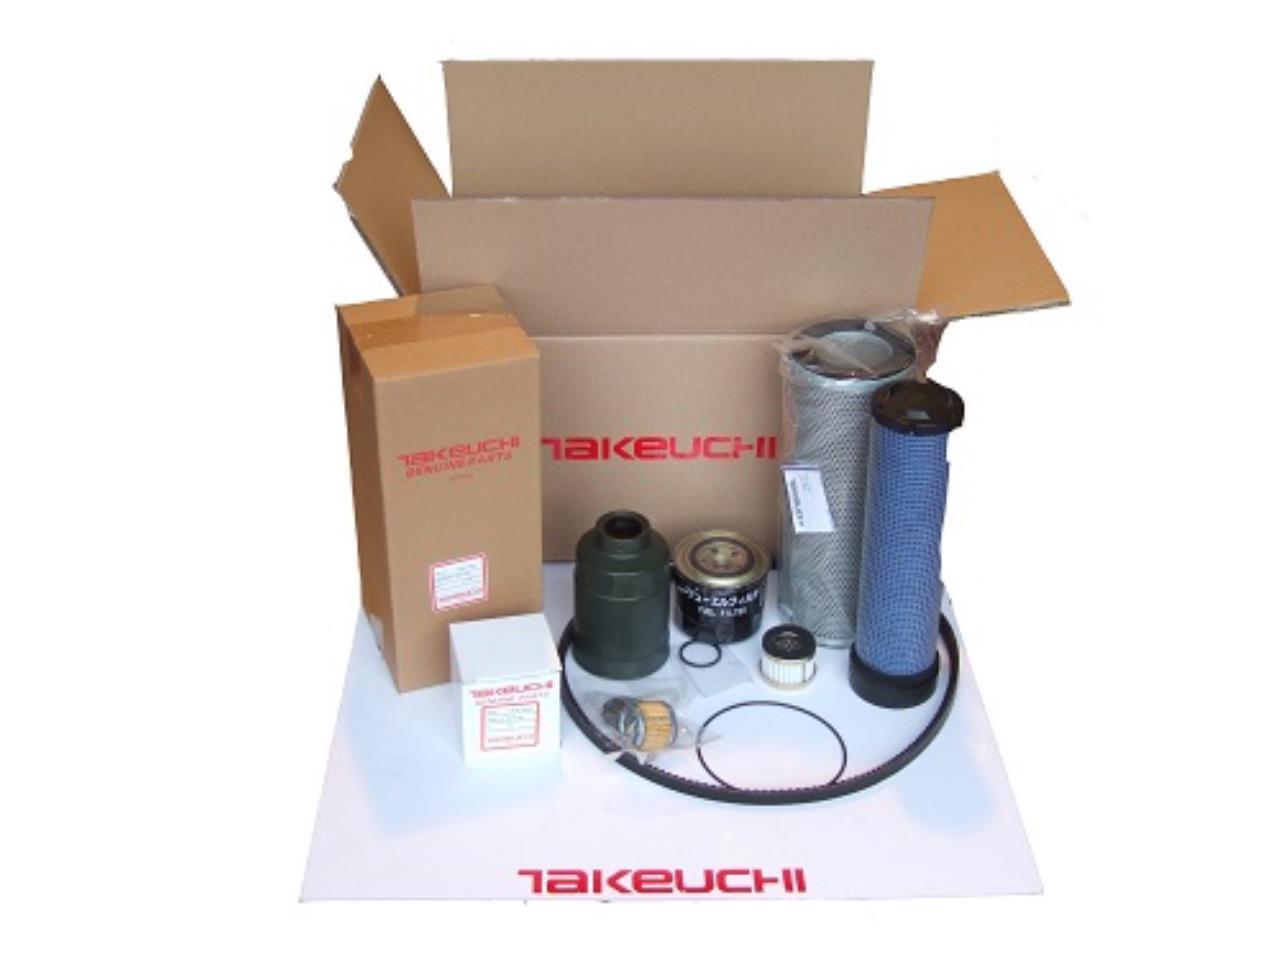 Takeuchi TB260 filtersæt fra s/n: 126100003